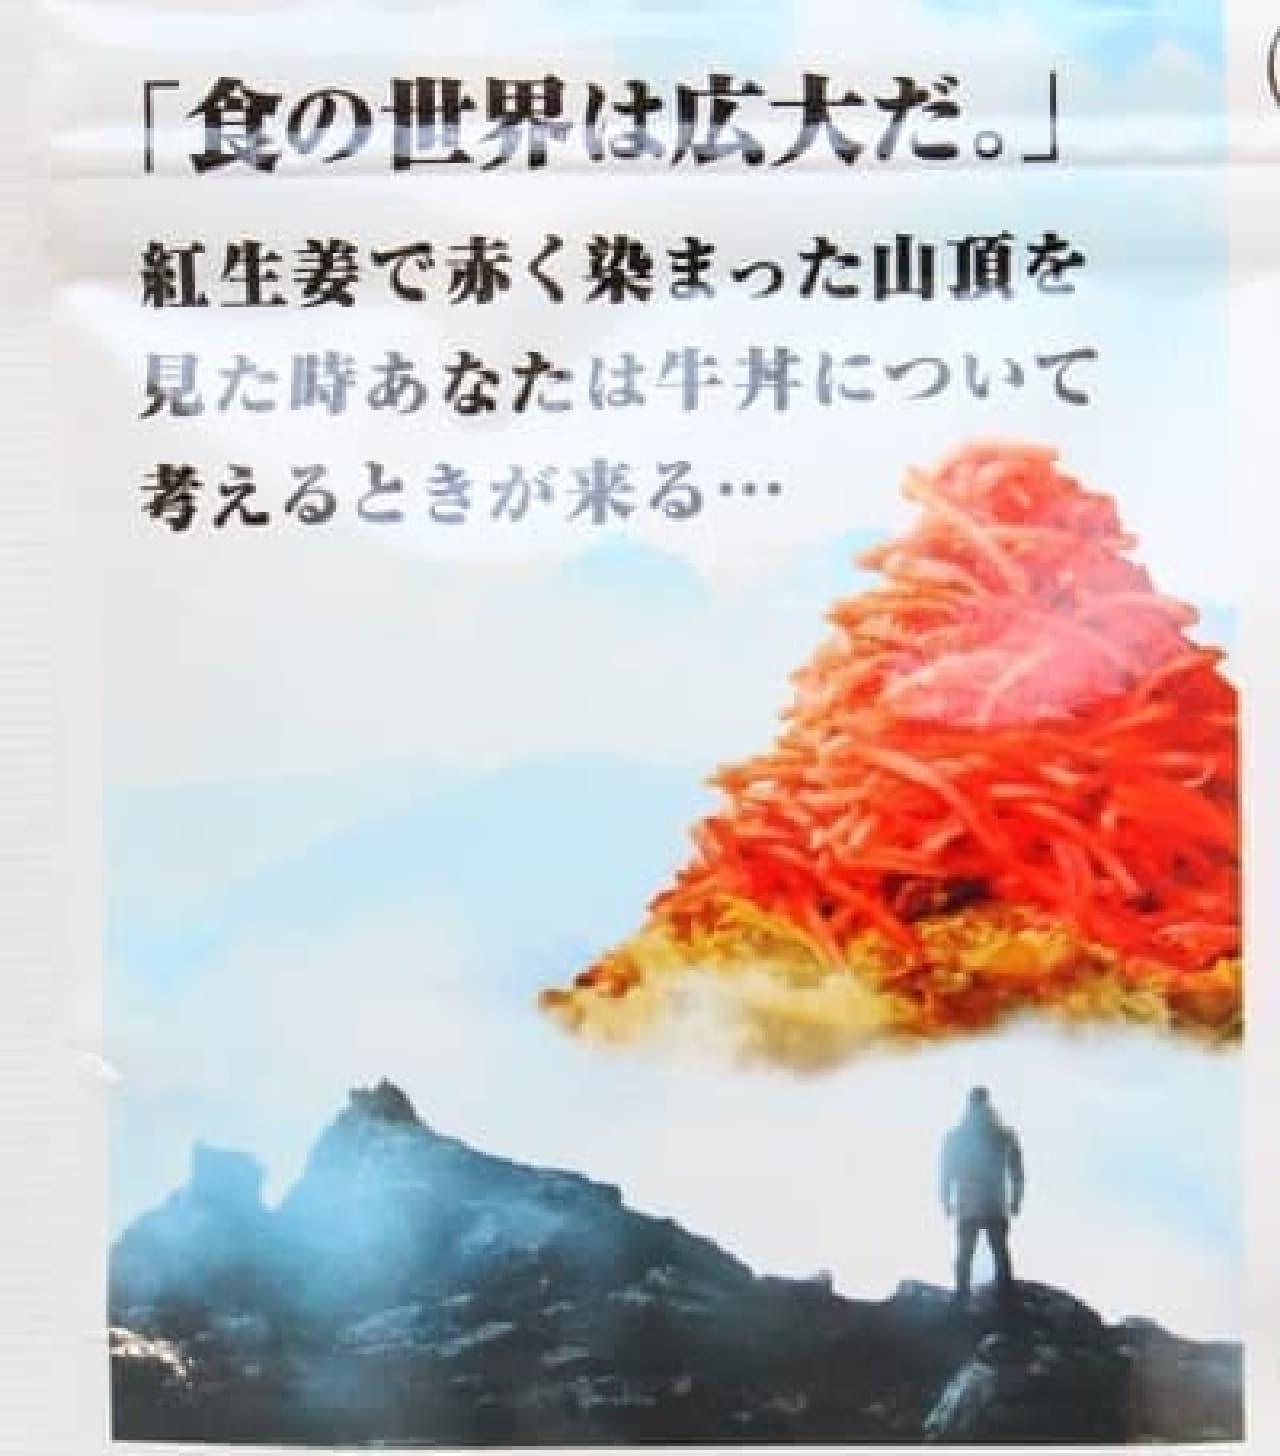 永谷園「牛丼に、紅生姜を<どっさり>のせてみた。」